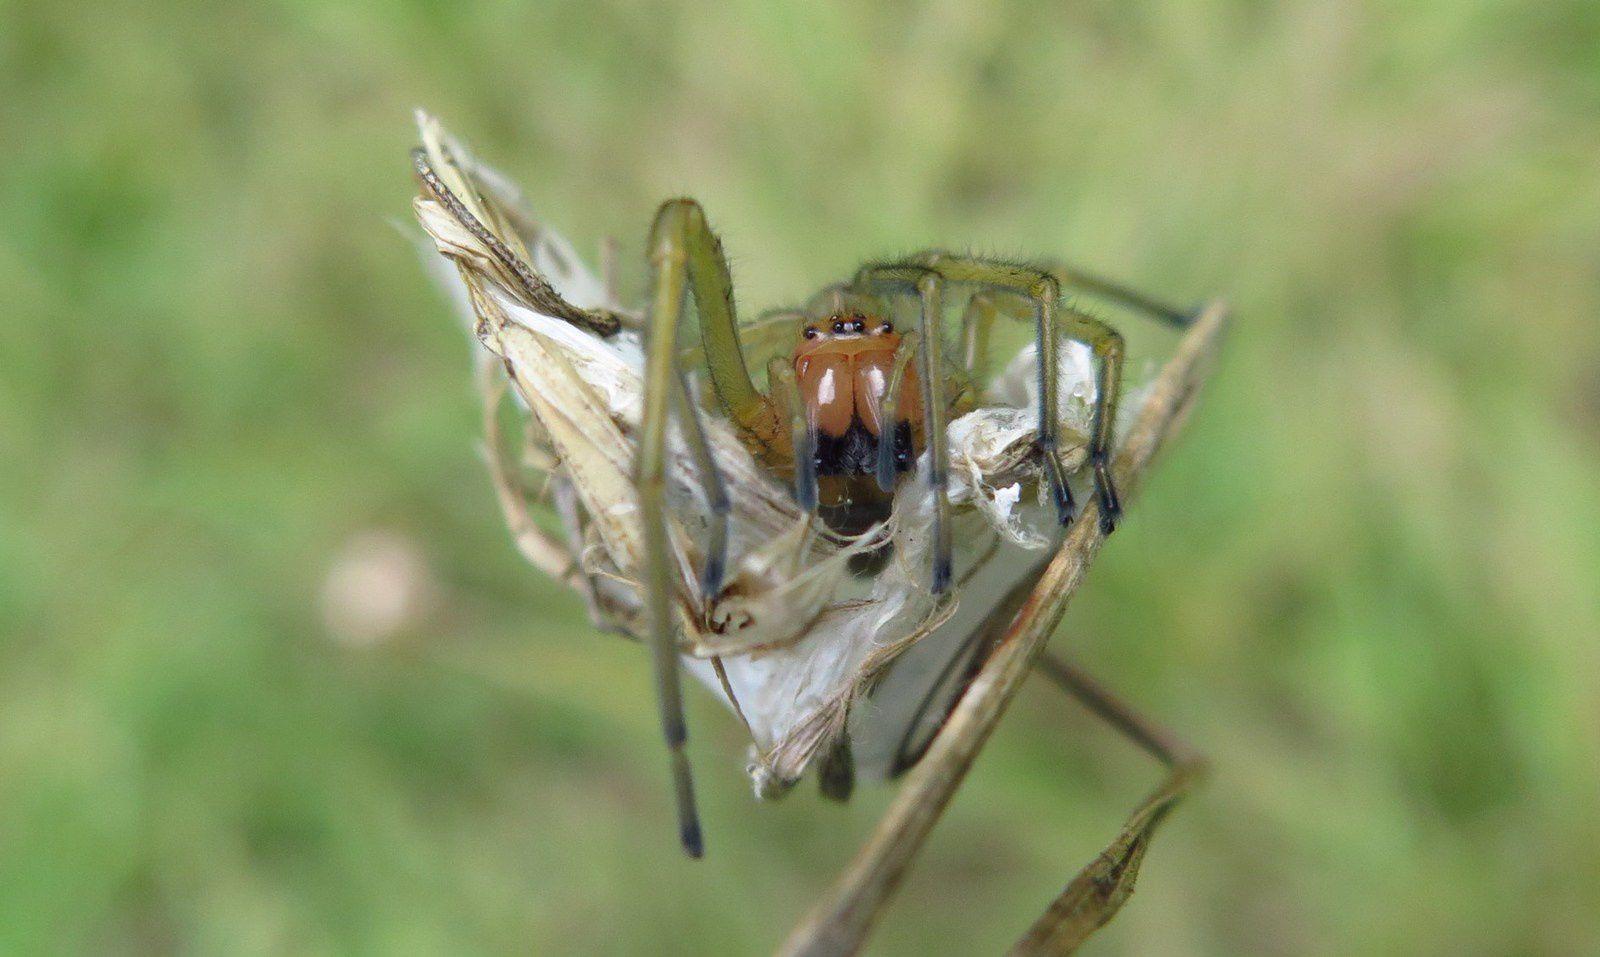 Chiracanthe nourrice (Cheiracanthium punctorium)